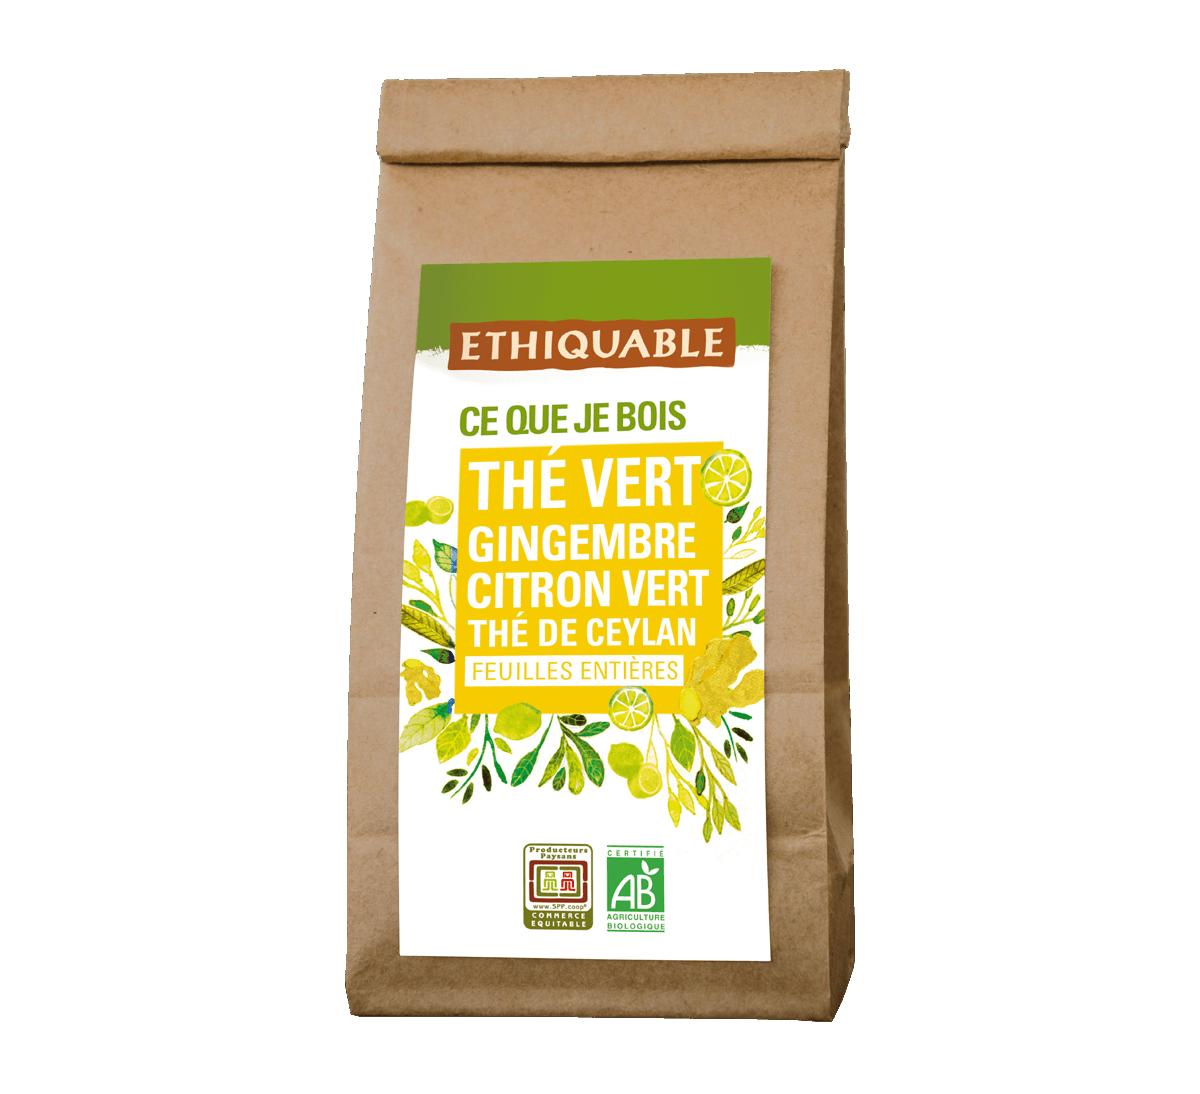 Thé vert Gingembre Citron vert bio en vrac issu du Commerce Equitable I Ethiquable